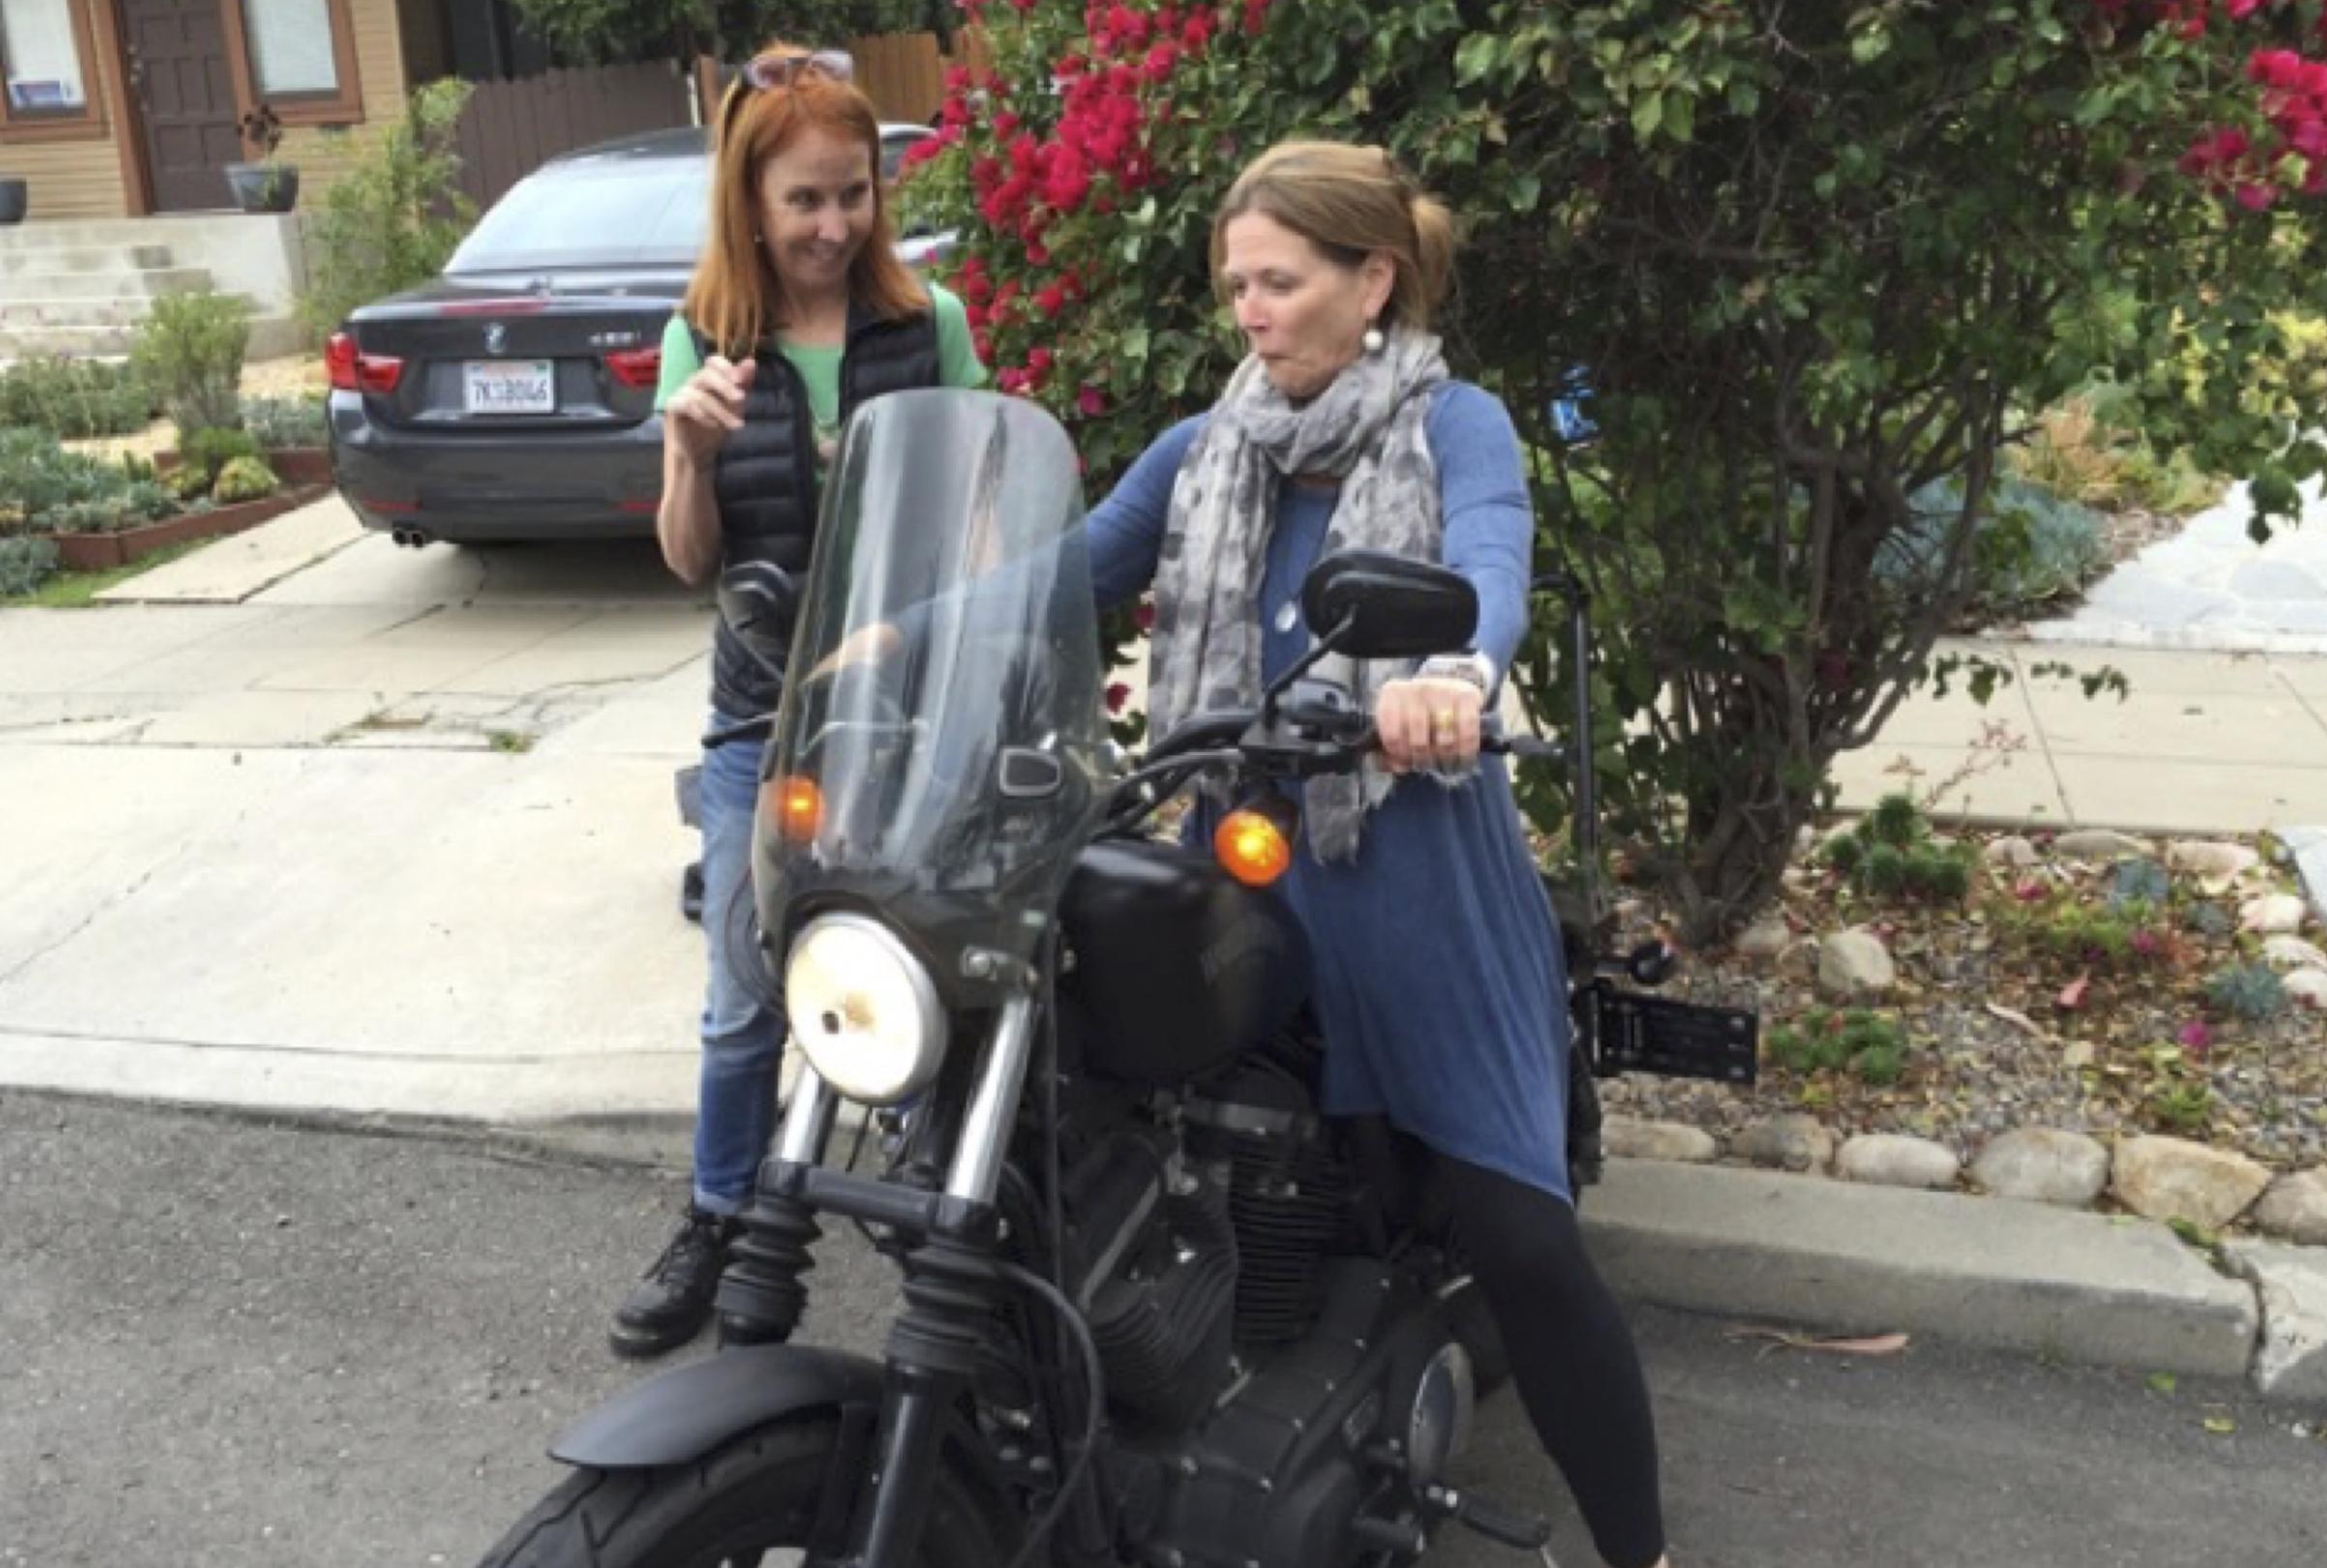 Salon_Bernadette_Motorcycle.jpg